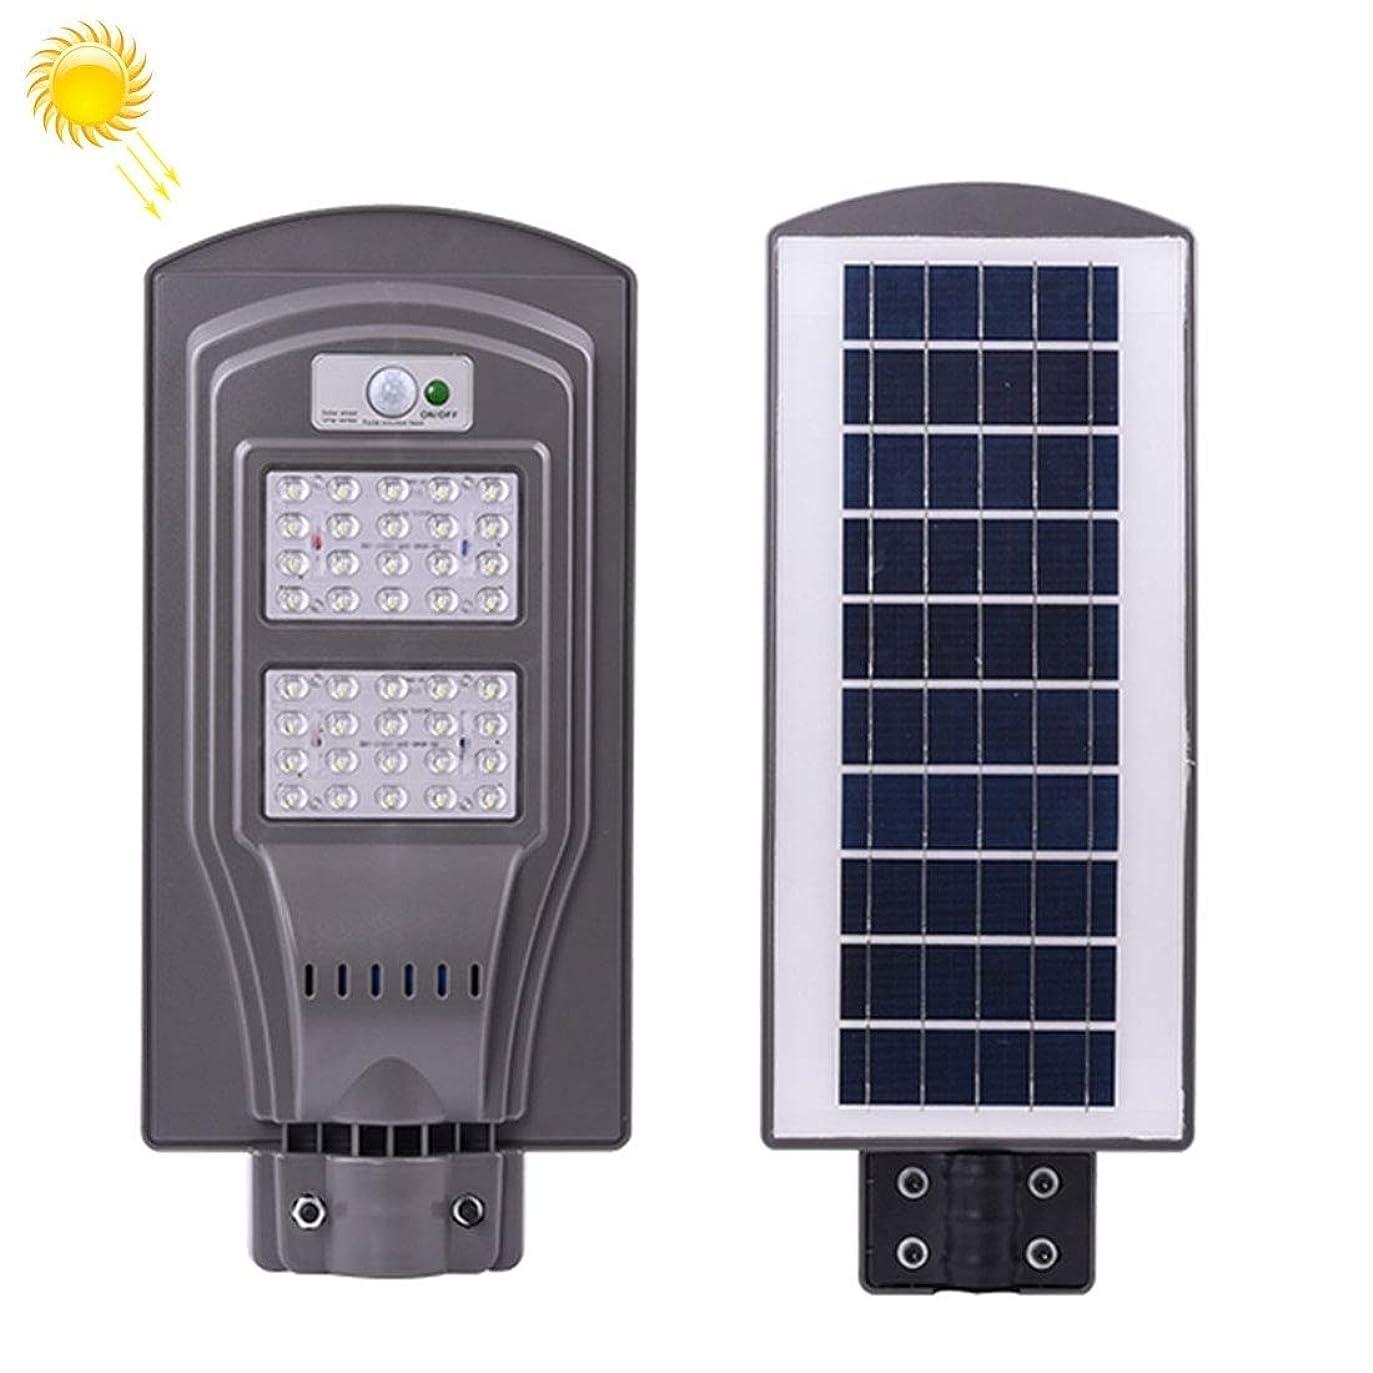 パキスタンハイキングに行く慢性的40W IP65はレーダーセンサー+ライト制御の太陽エネルギーの街灯、6V / 16W太陽電池パネルの太陽ライトが付いている40のLED SMD 3030の省エネの屋外ランプを防水します 屋外ライト